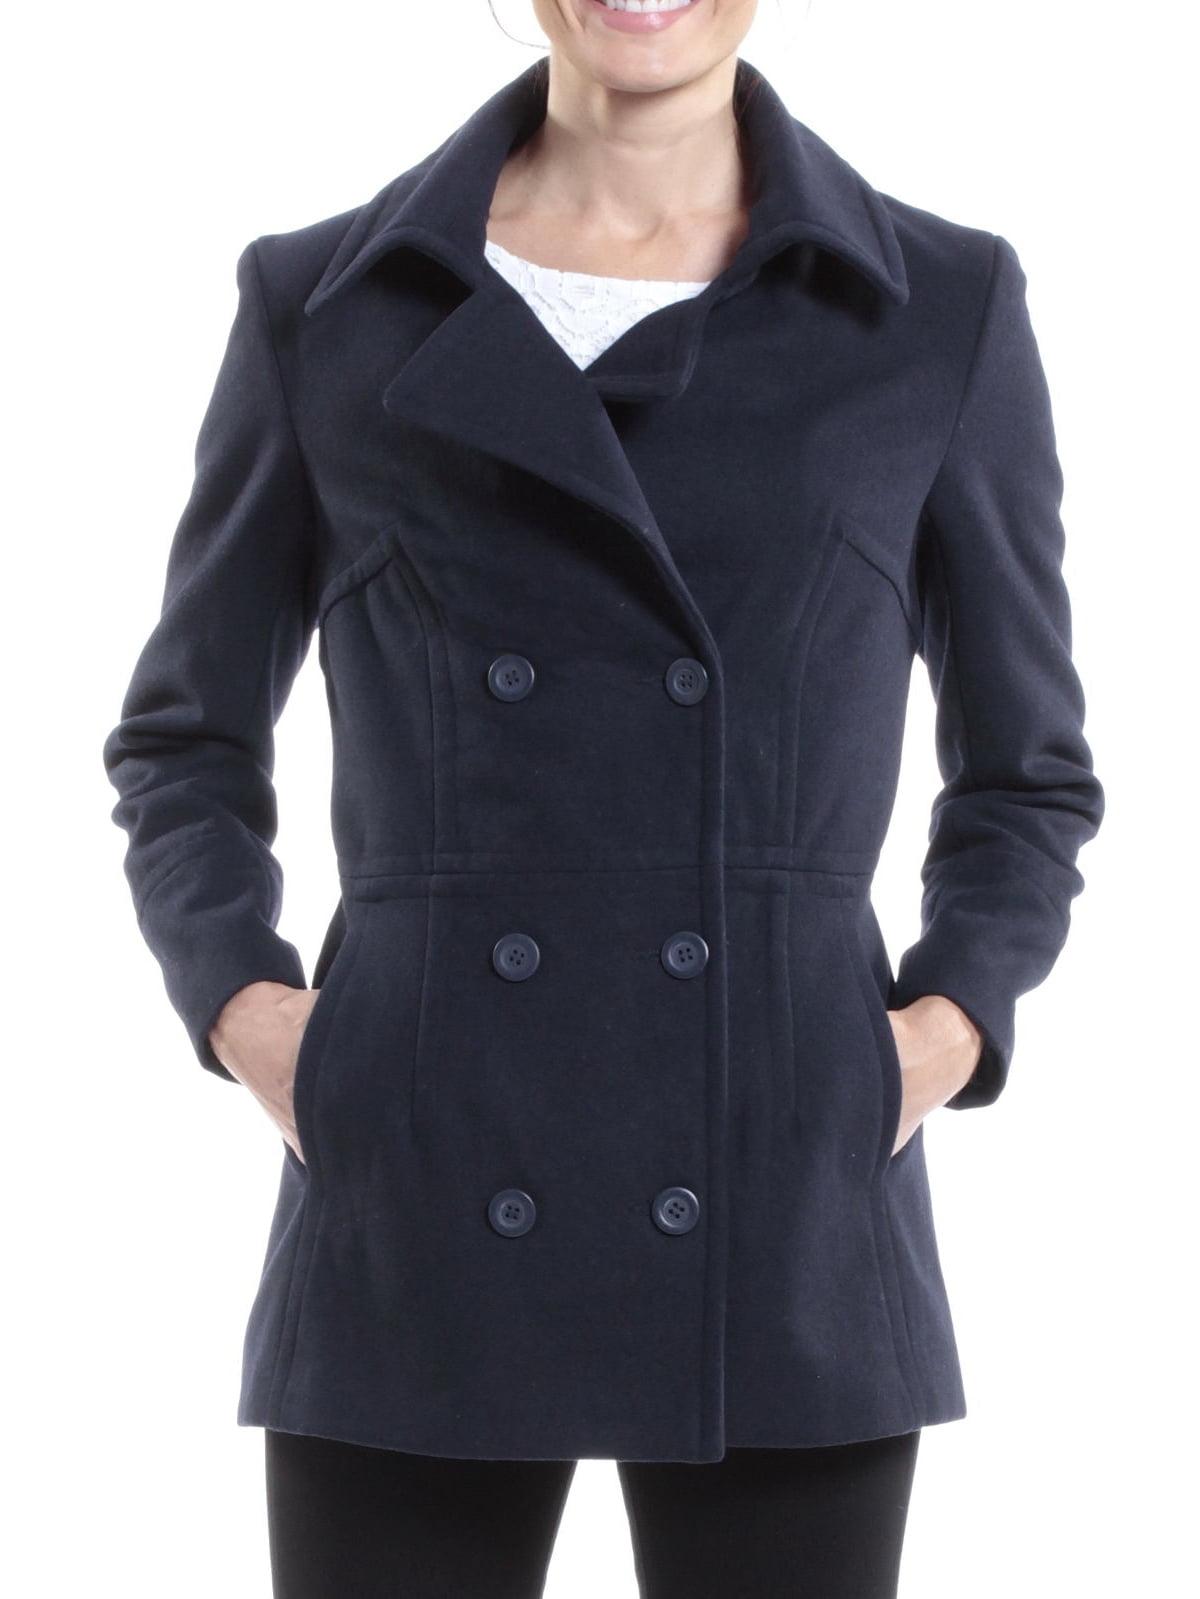 Alpine Swiss Emma Womens Peacoat Double Breasted Overcoat 3 4 Length Wool Blazer Black... by alpine swiss